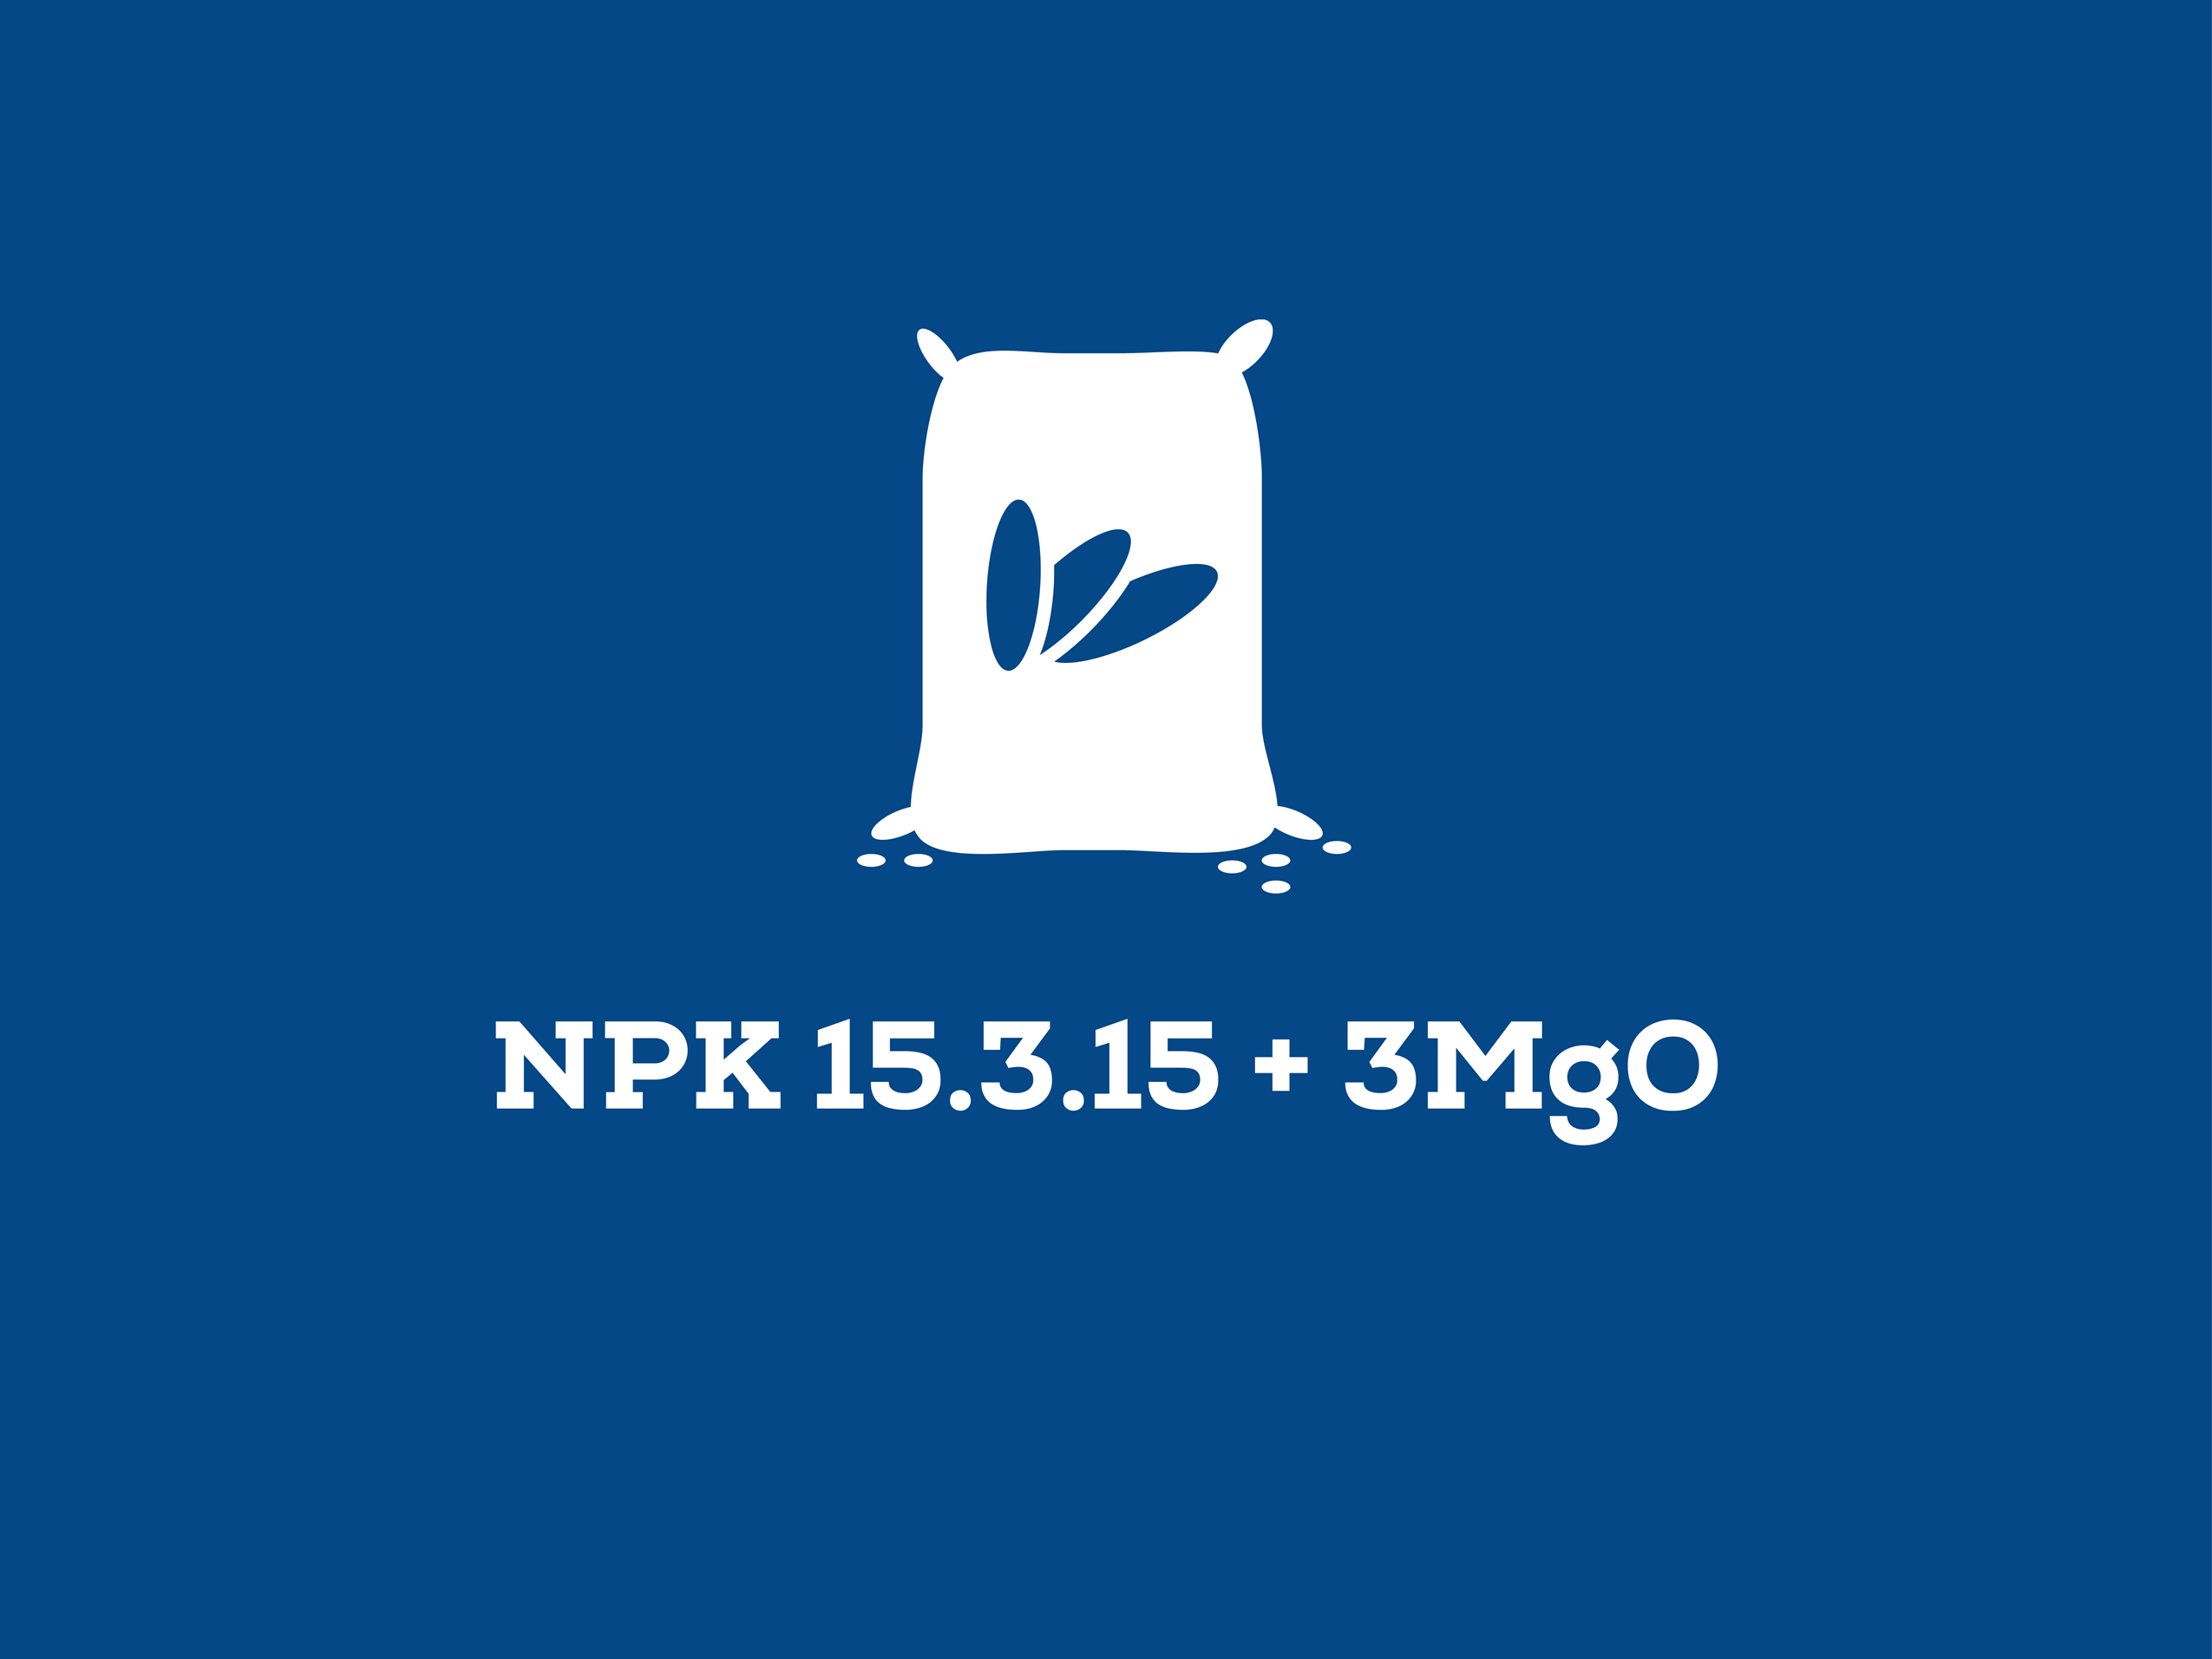 NPK 15.3.15 + 3MgO